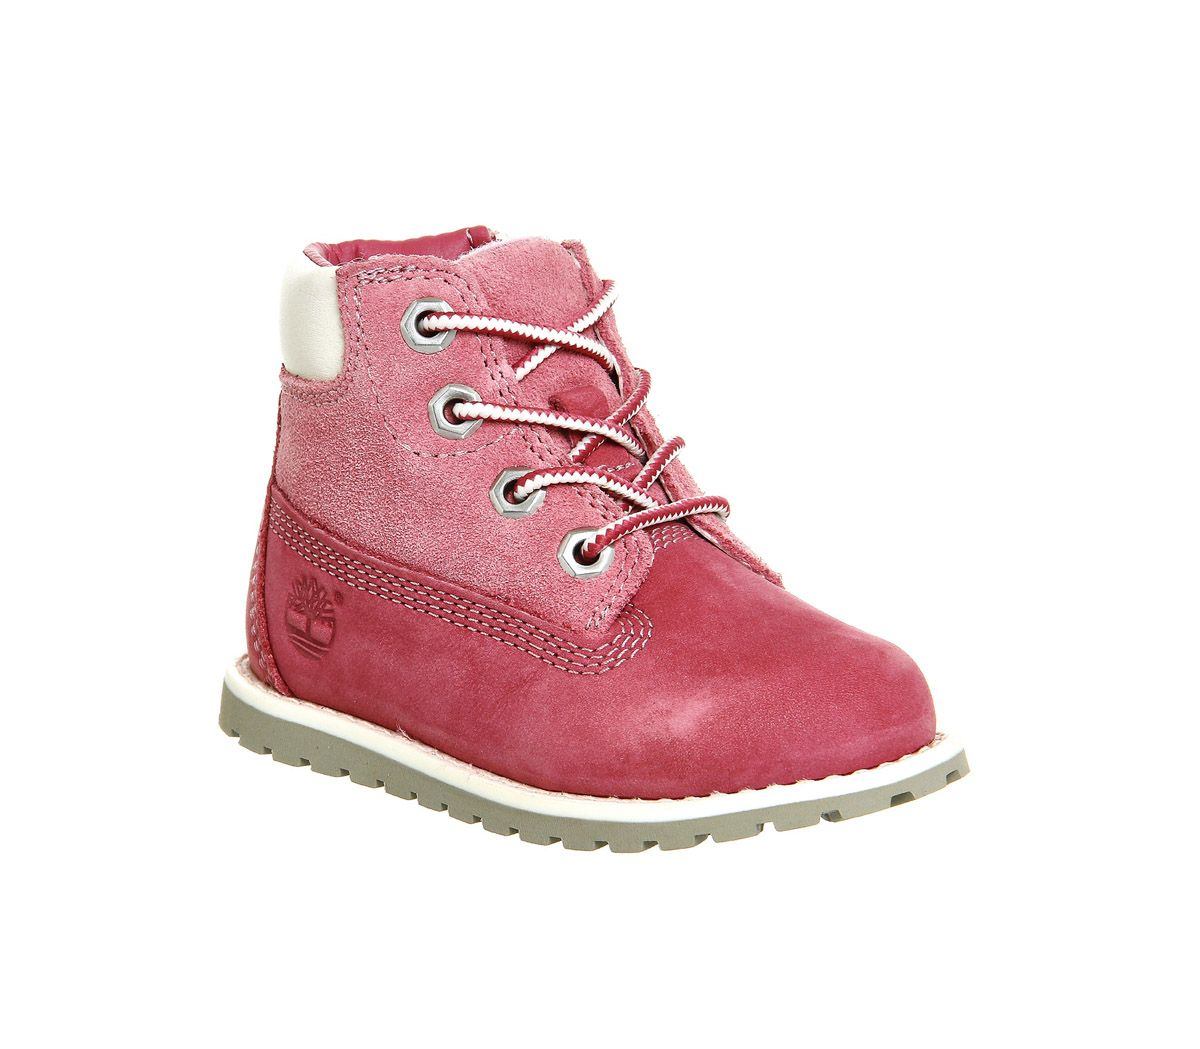 1e917f56e8f39 Timberland Pokey Pine 6 Inch Boots Pink - Unisex